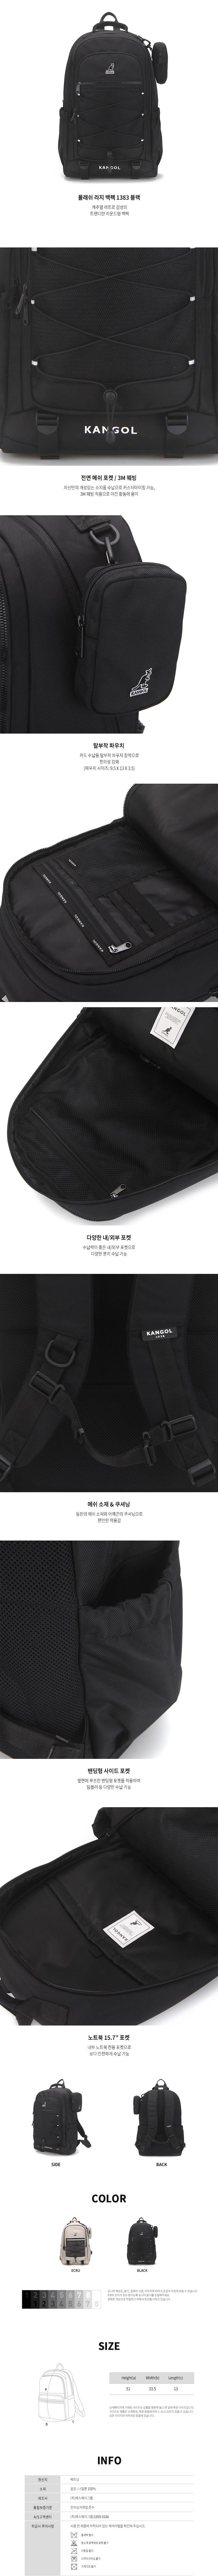 캉골(KANGOL) 플래쉬 라지 백팩 1383 블랙